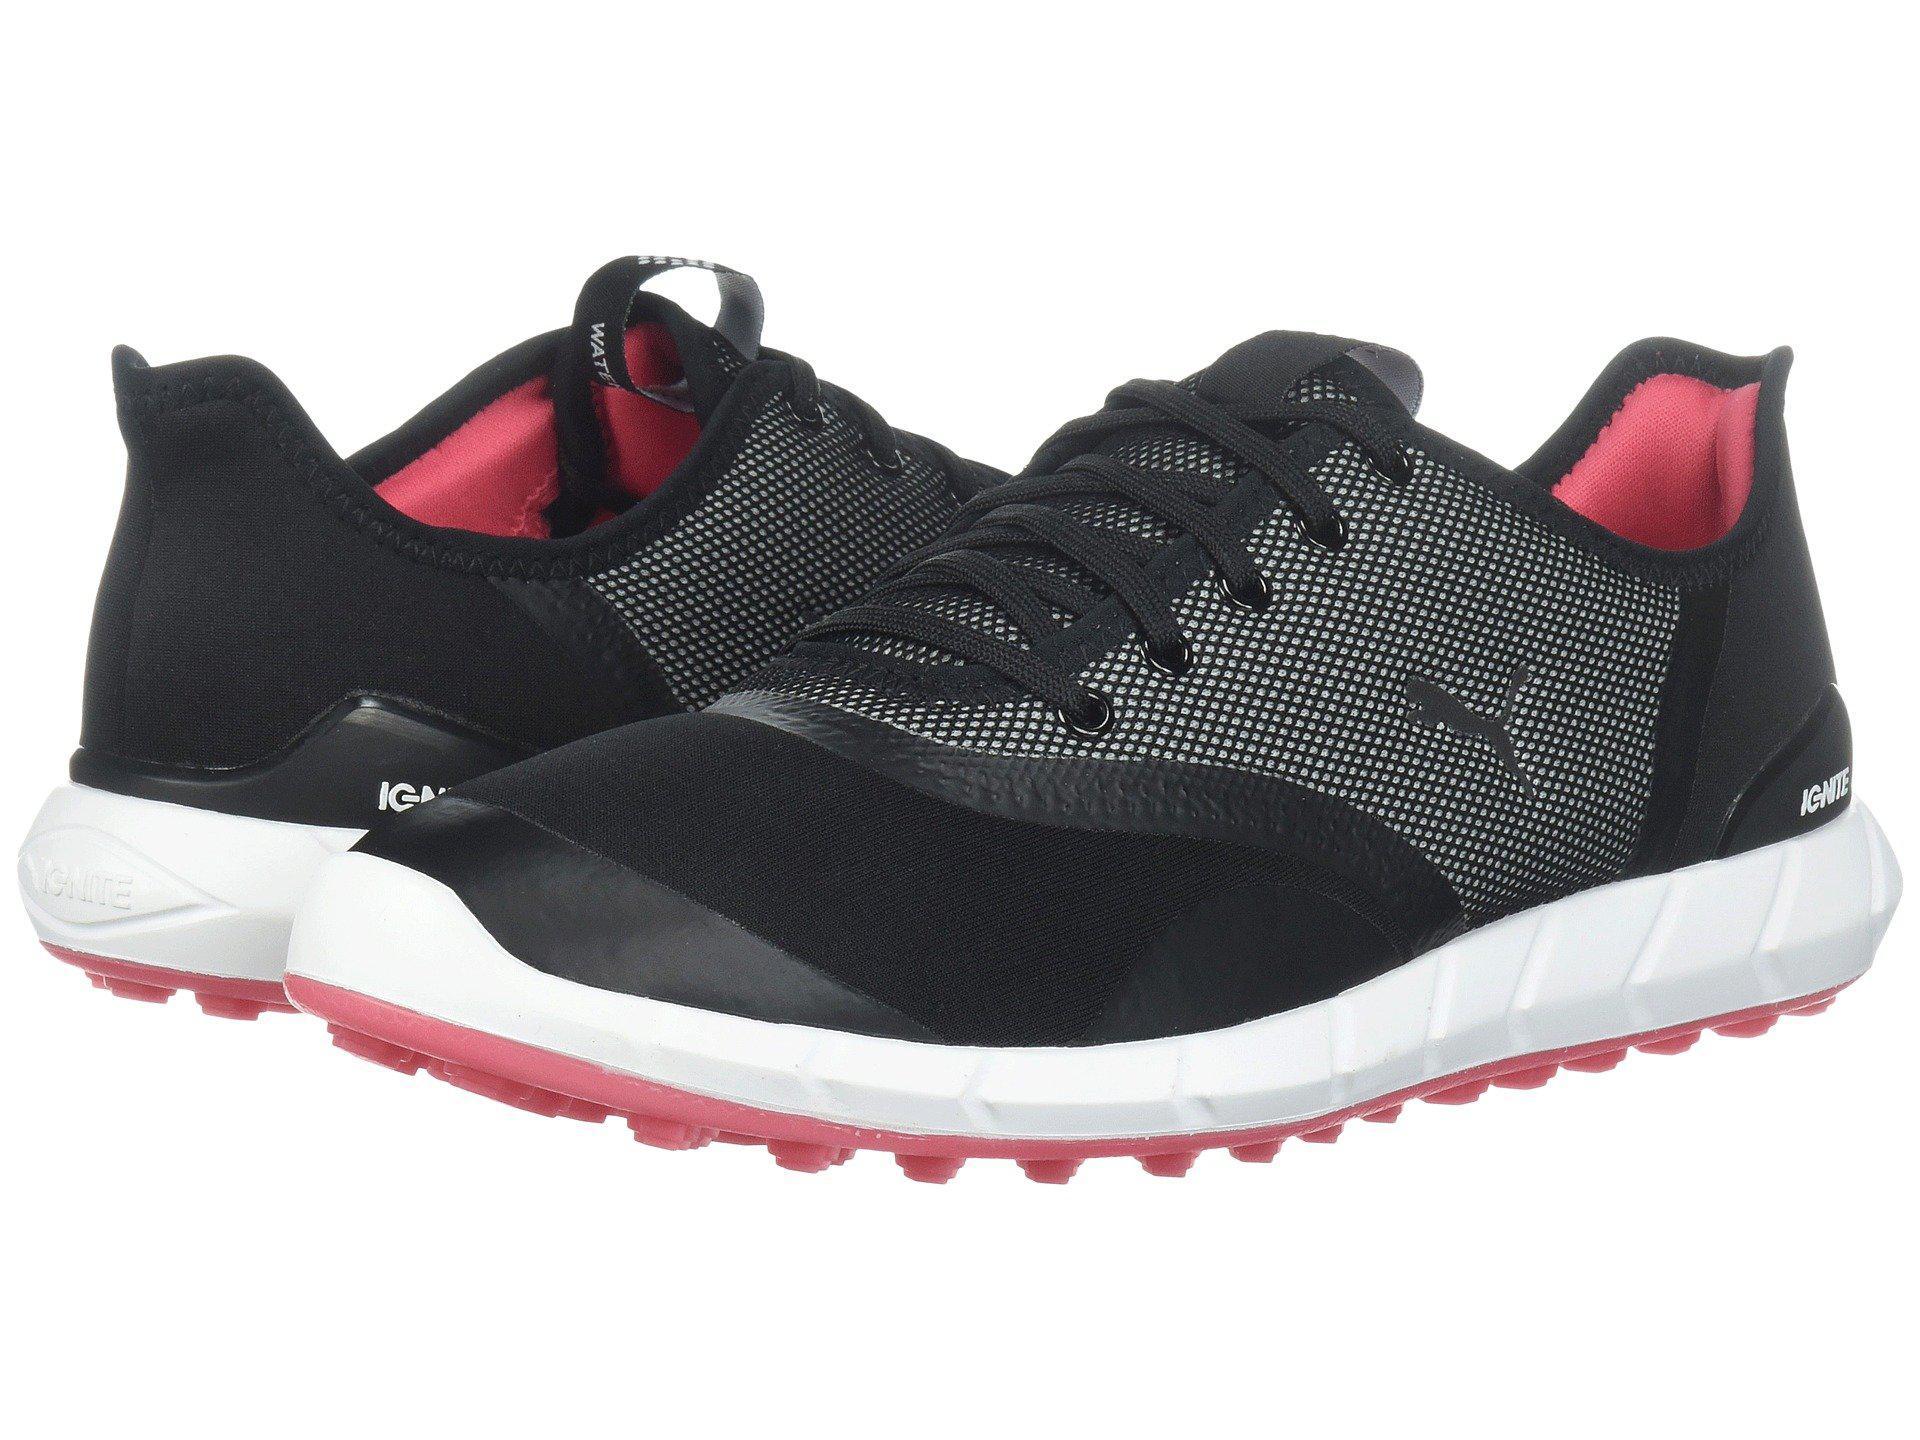 27a296c47534 PUMA - Ignite Statement Low (puma Black puma White) Women s Golf Shoes -.  View fullscreen